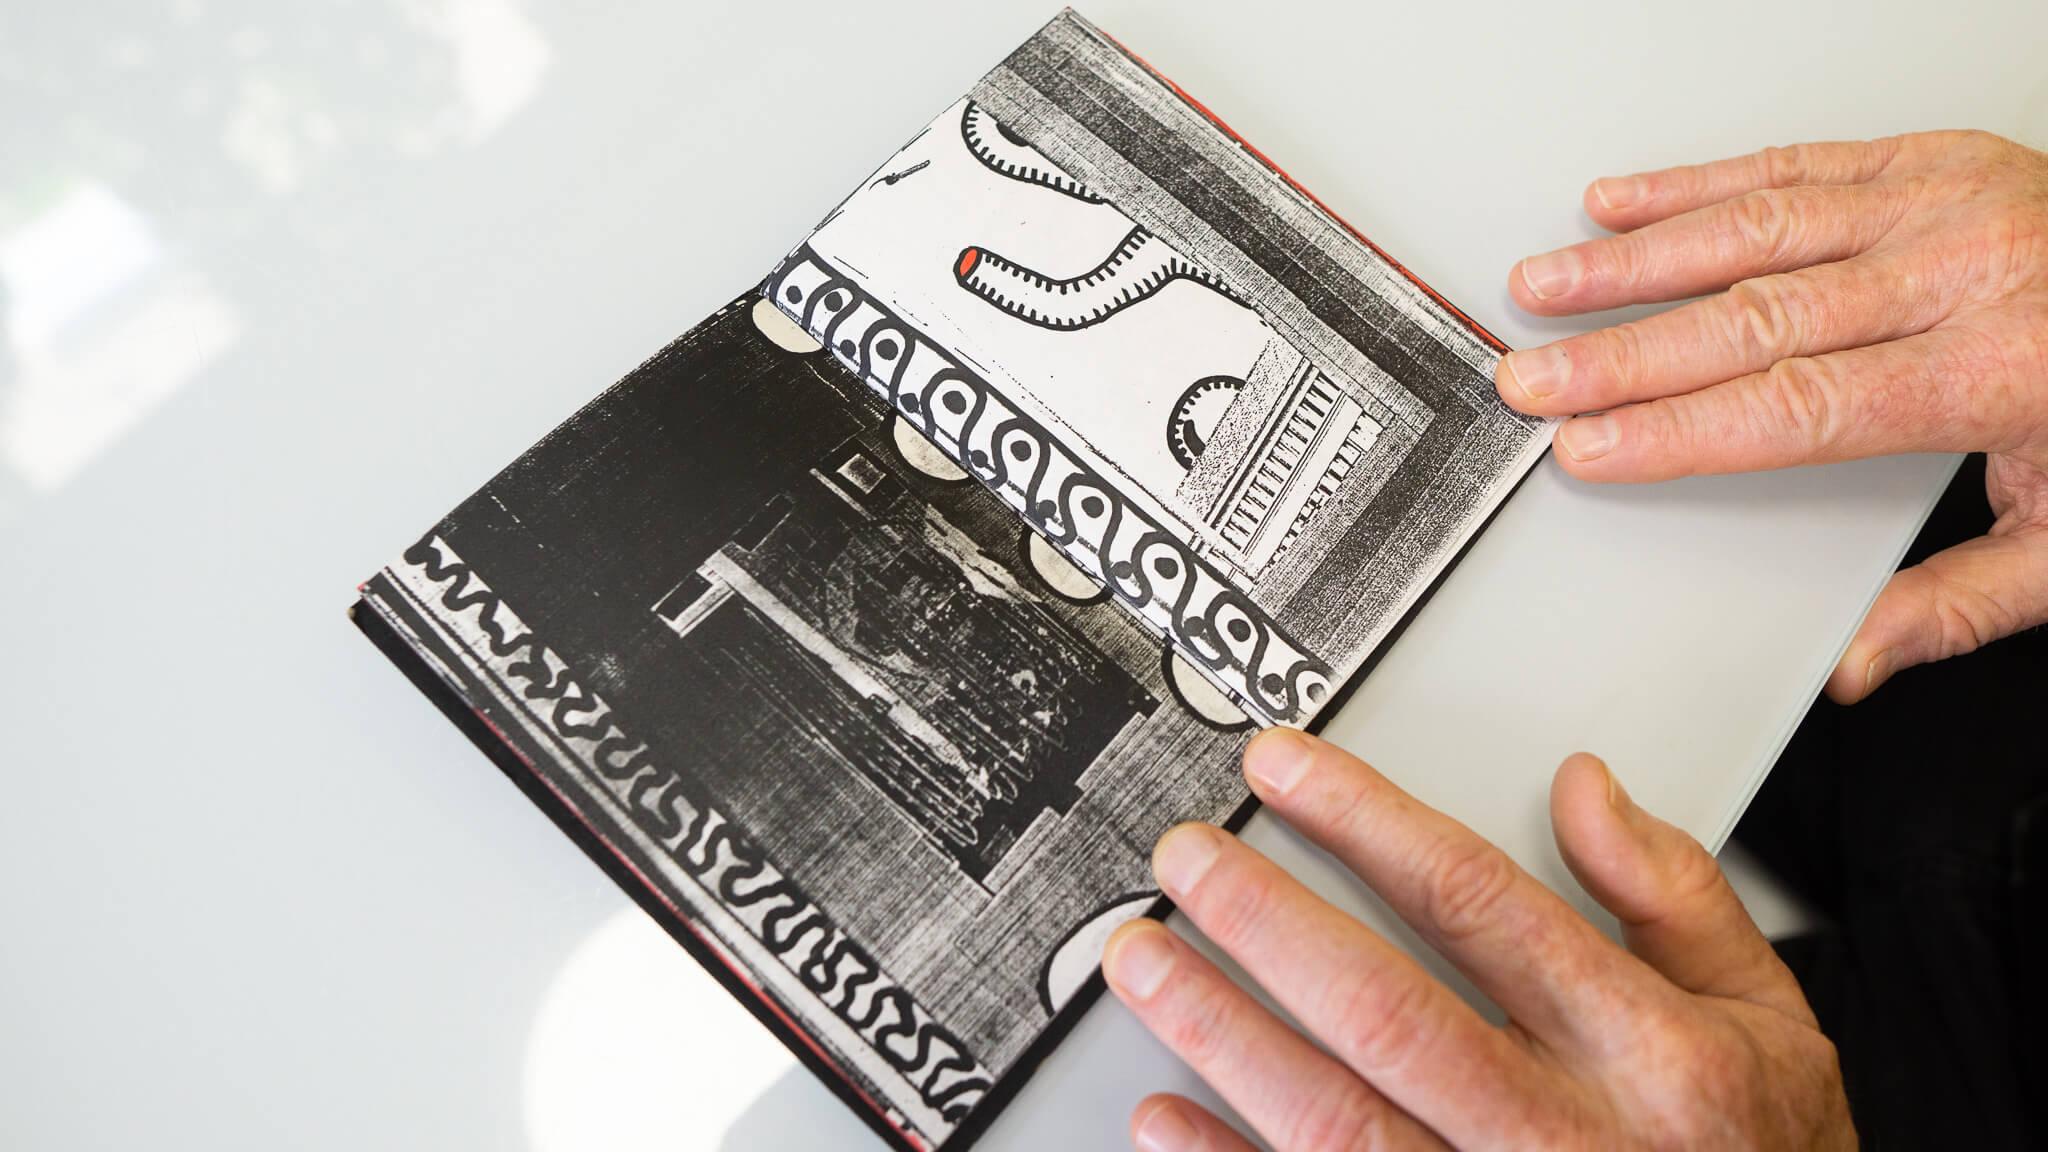 Fanzine - Gary Goldstein